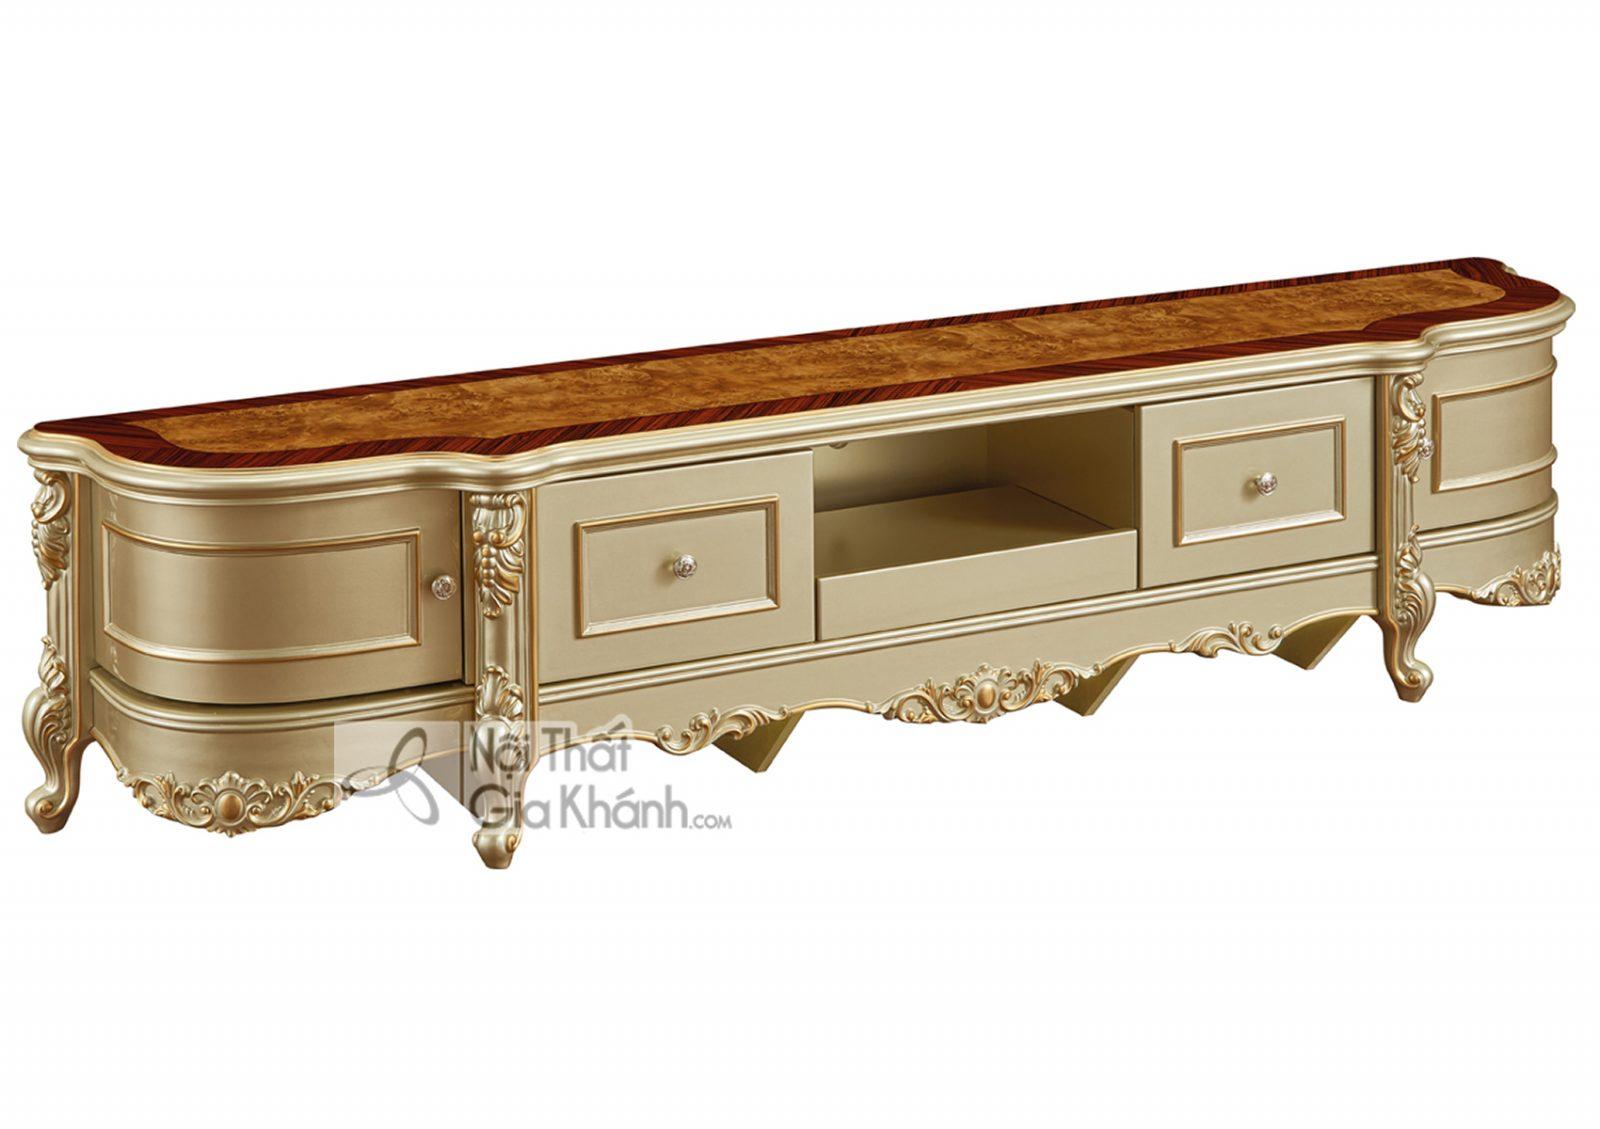 Kệ tivi mặt gỗ Tân cổ điển màu vàng rượu Sampanh KT8802AG-22